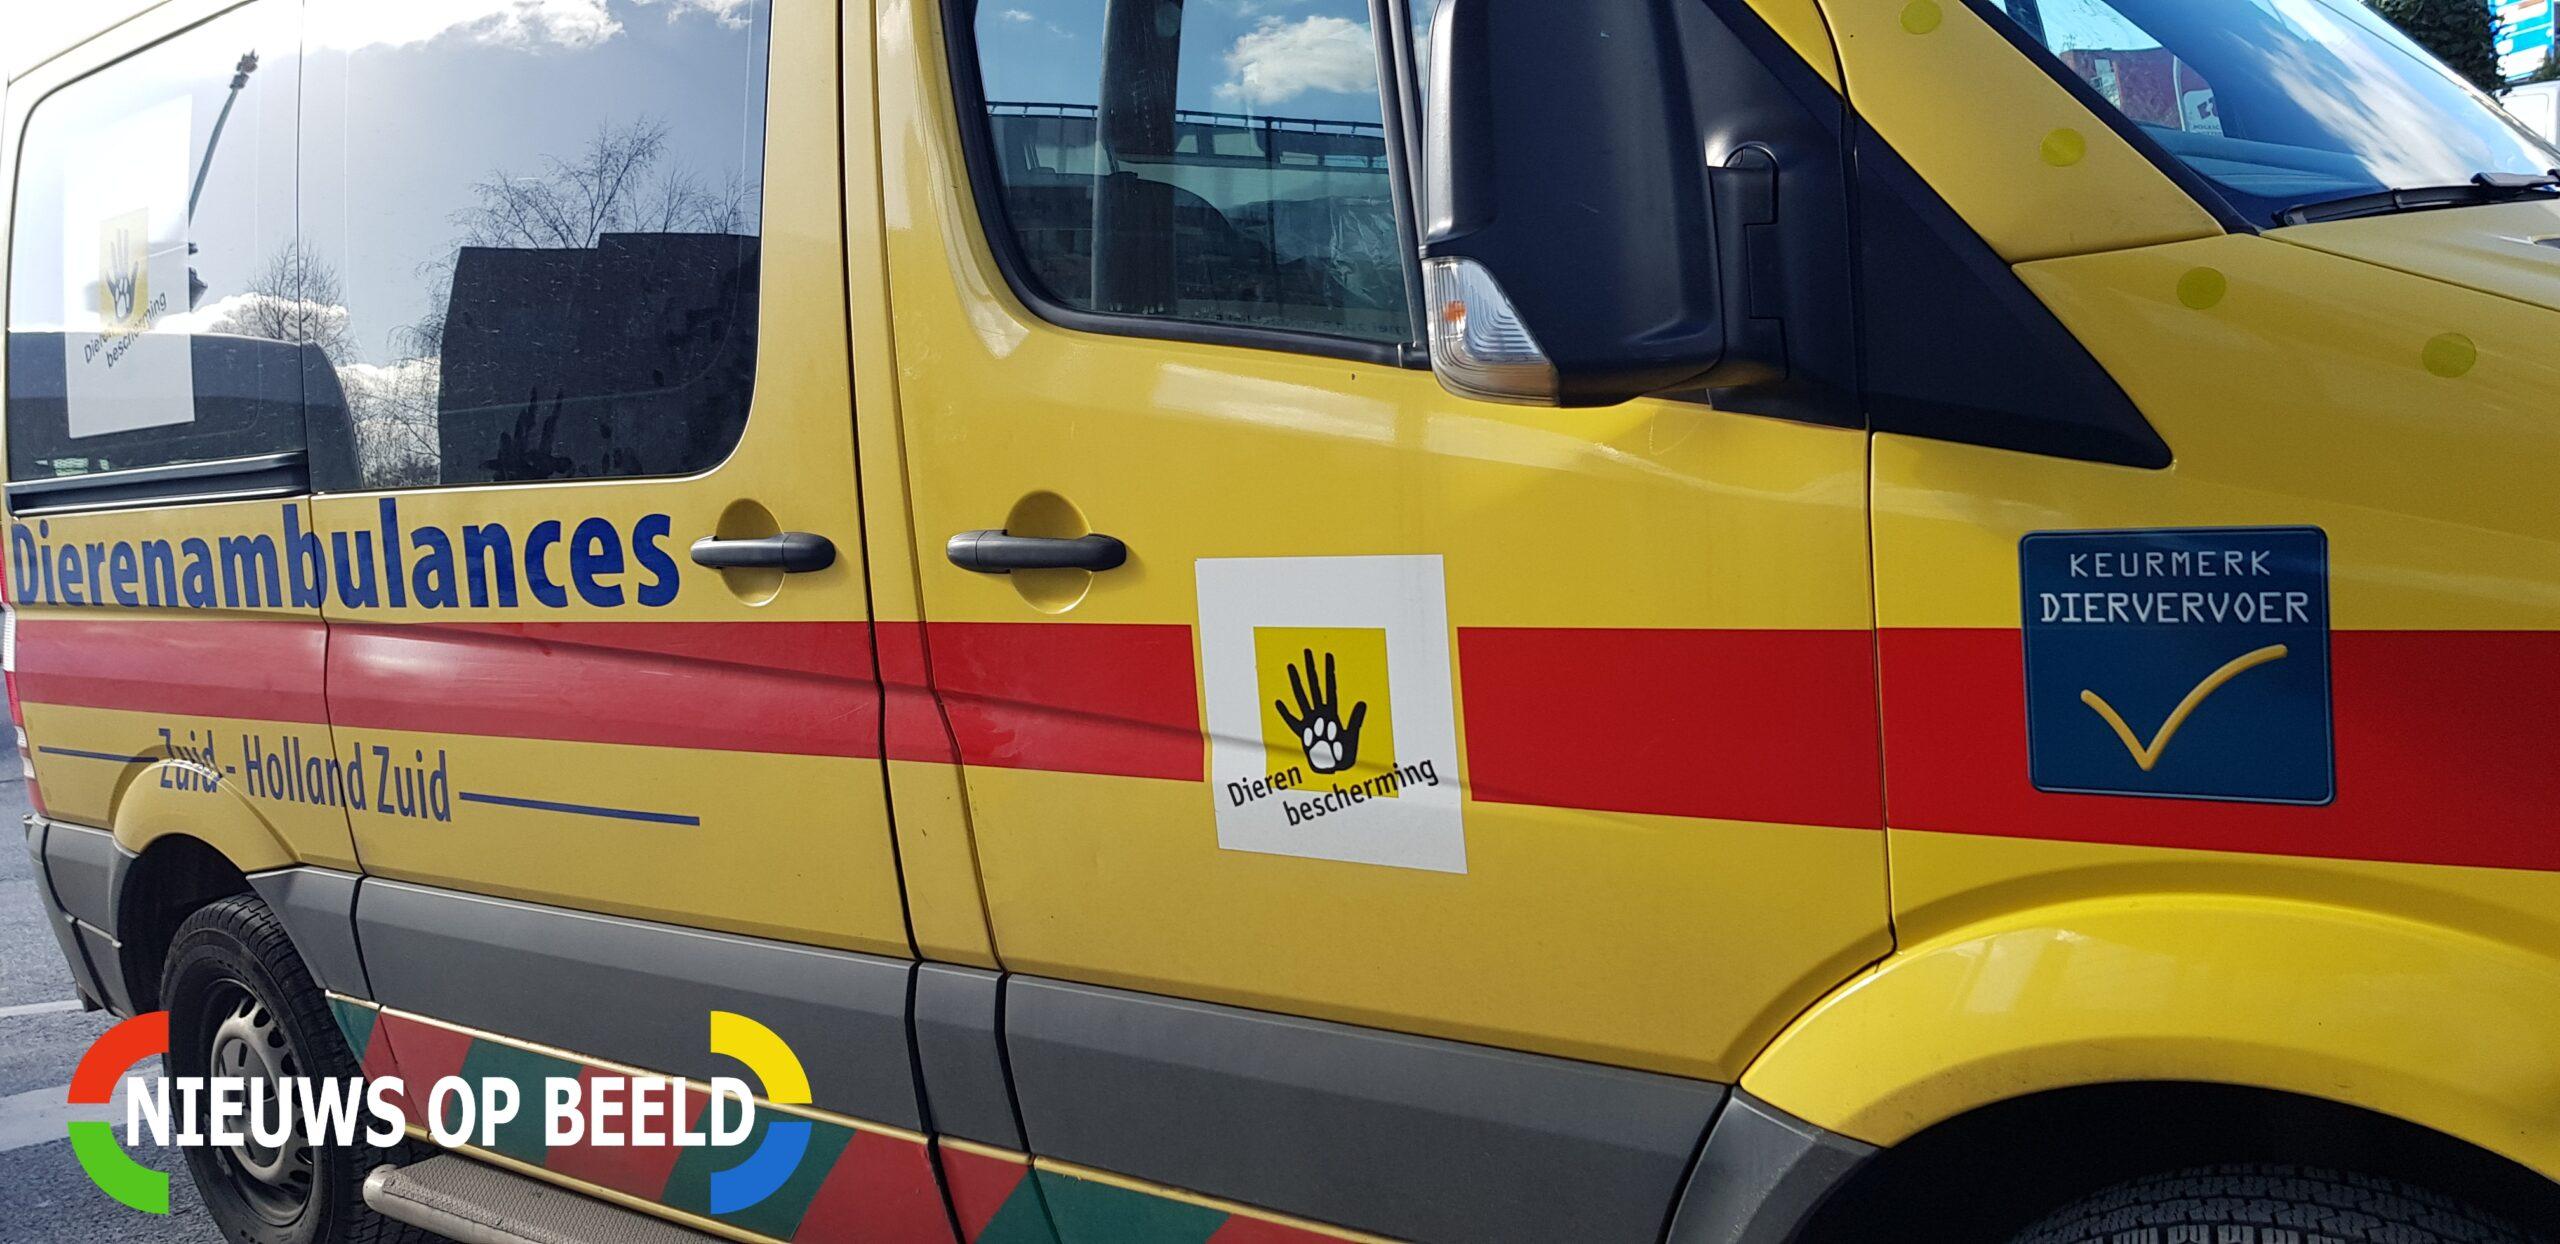 Toekomst Dierenambulance Rotterdam onzeker door tekort vrijwilligers